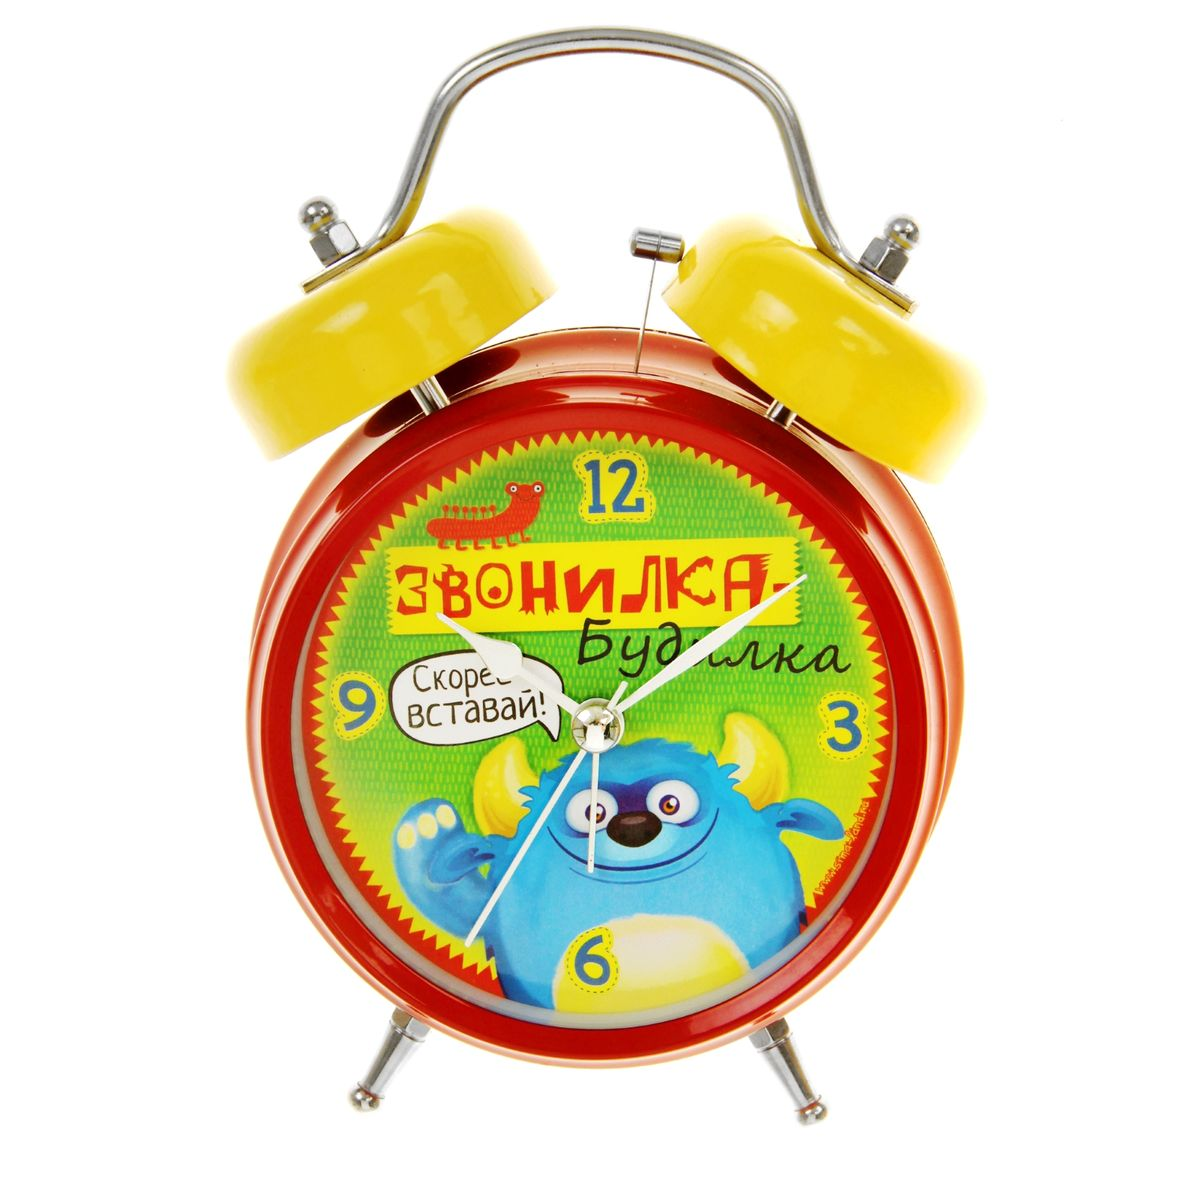 Часы-будильник Sima-land Звонилка-будилкаAJ3400/12Как же сложно иногда вставать вовремя! Всегда так хочется поспать еще хотя бы 5 минут и бывает, что мы просыпаем. Теперь этого не случится! Яркий, оригинальный будильник Sima-land Звонилка-будилка поможет вам всегда вставать в нужное время и успевать везде и всюду.Корпус будильника выполнен из металла. Циферблат оформлен изображением забавного монстрика и надписью: Звонилка-будилка, имеет индикацию арабскими цифрами. Часы снабжены 4 стрелками (секундная, минутная, часовая и для будильника). На задней панели будильника расположен переключатель включения/выключения механизма, а также два колесика для настройки текущего времени и времени звонка будильника. Пользоваться будильником очень легко: нужно всего лишь поставить батарейки, настроить точное время и установить время звонка. Необходимо докупить 2 батарейки типа АА (не входят в комплект).